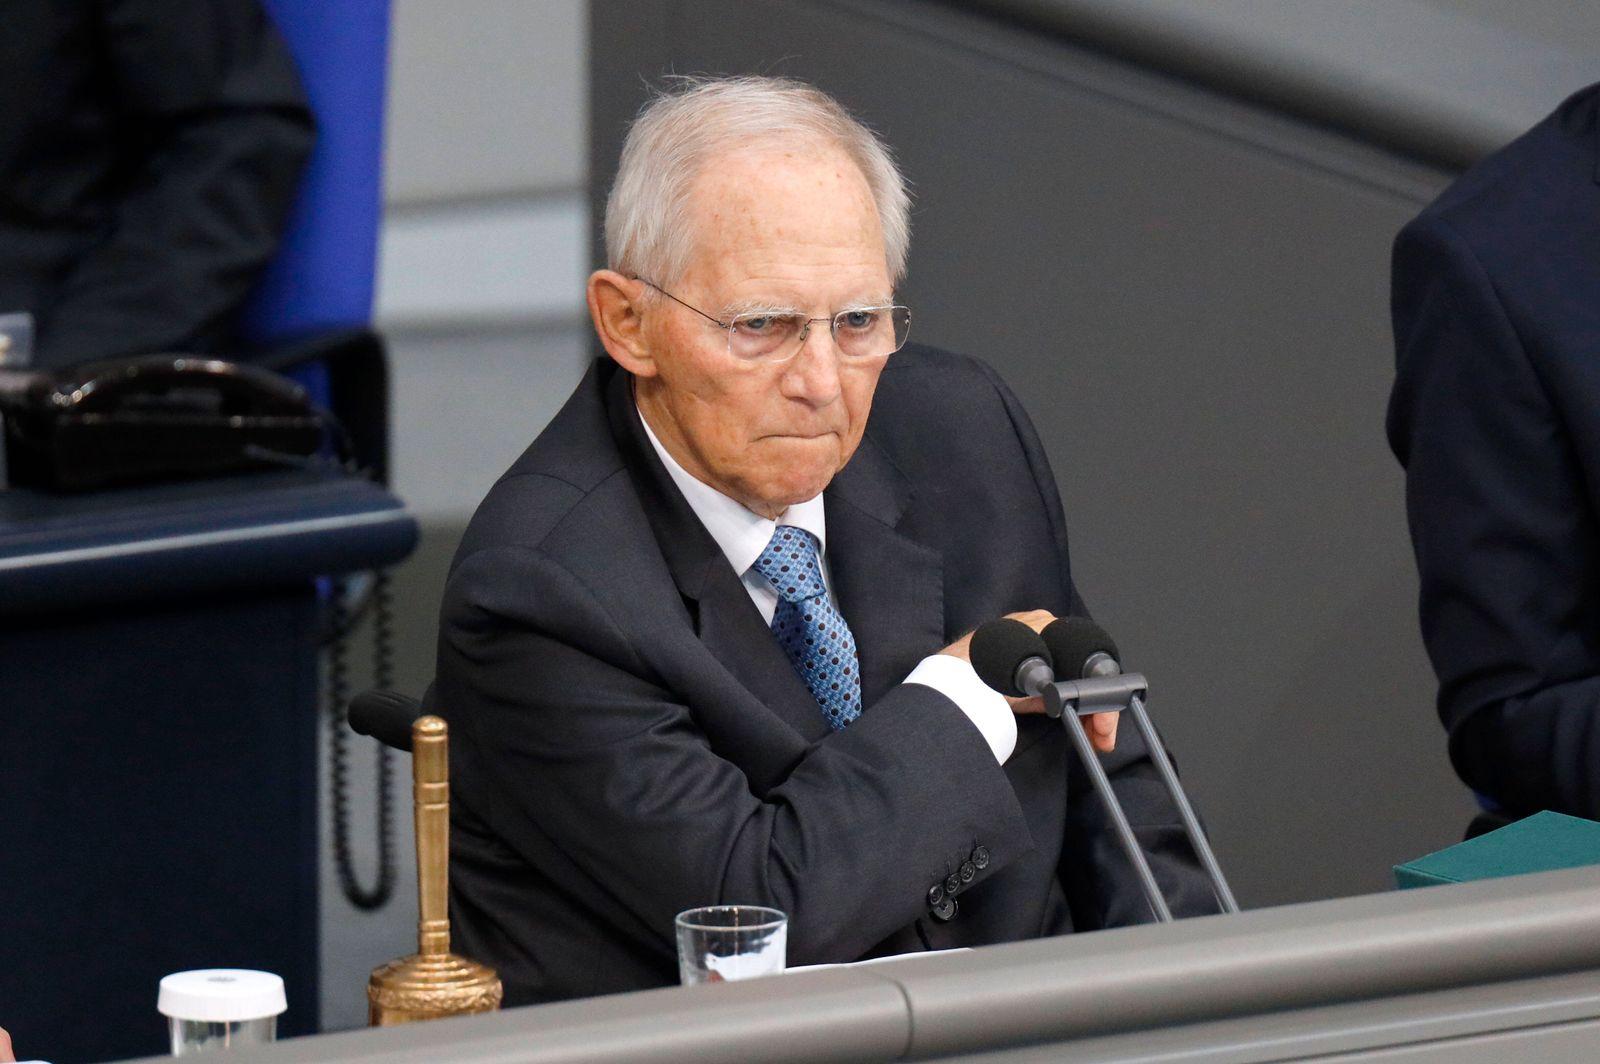 Wolfgang Schäuble in der 235. Sitzung des Deutschen Bundestages im Reichstagsgebäude. Berlin, 23.06.2021 *** Wolfgang Sc